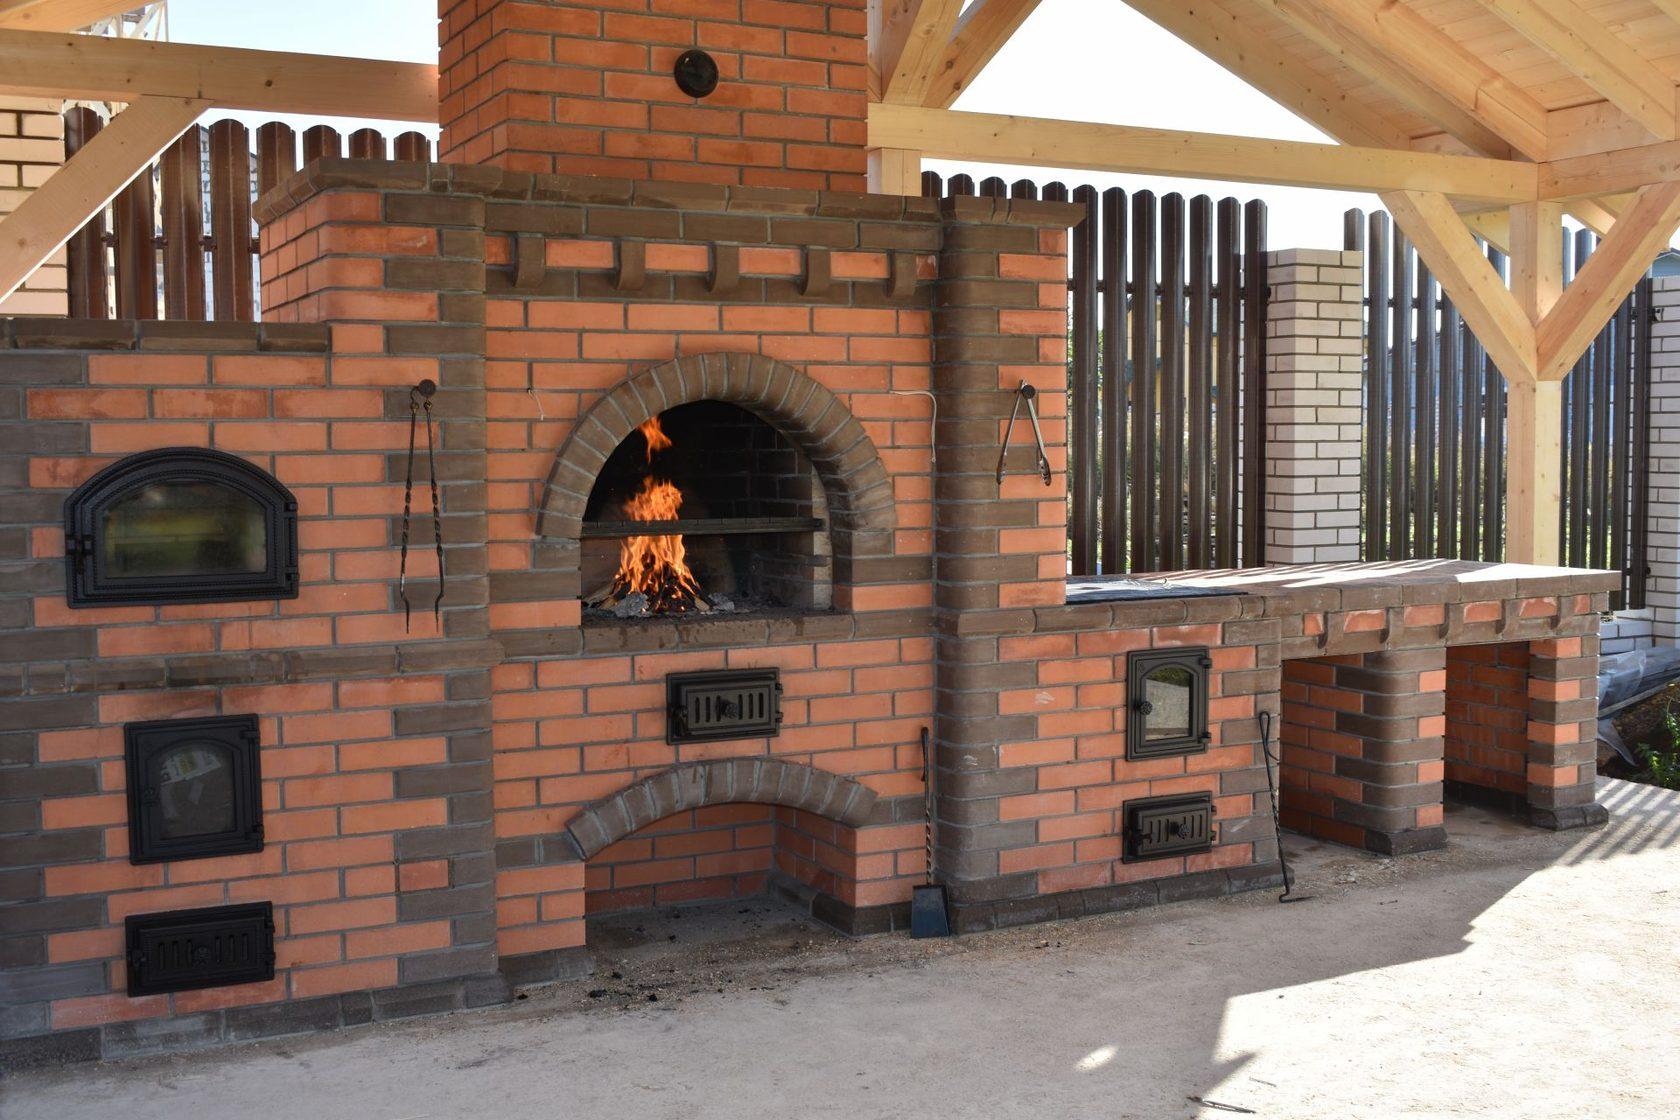 Печь-барбекю (48 фото): уличный комплекс с функцией барбекю из кирпича для дачи, жаровня и мангал для садовой беседки на улицу